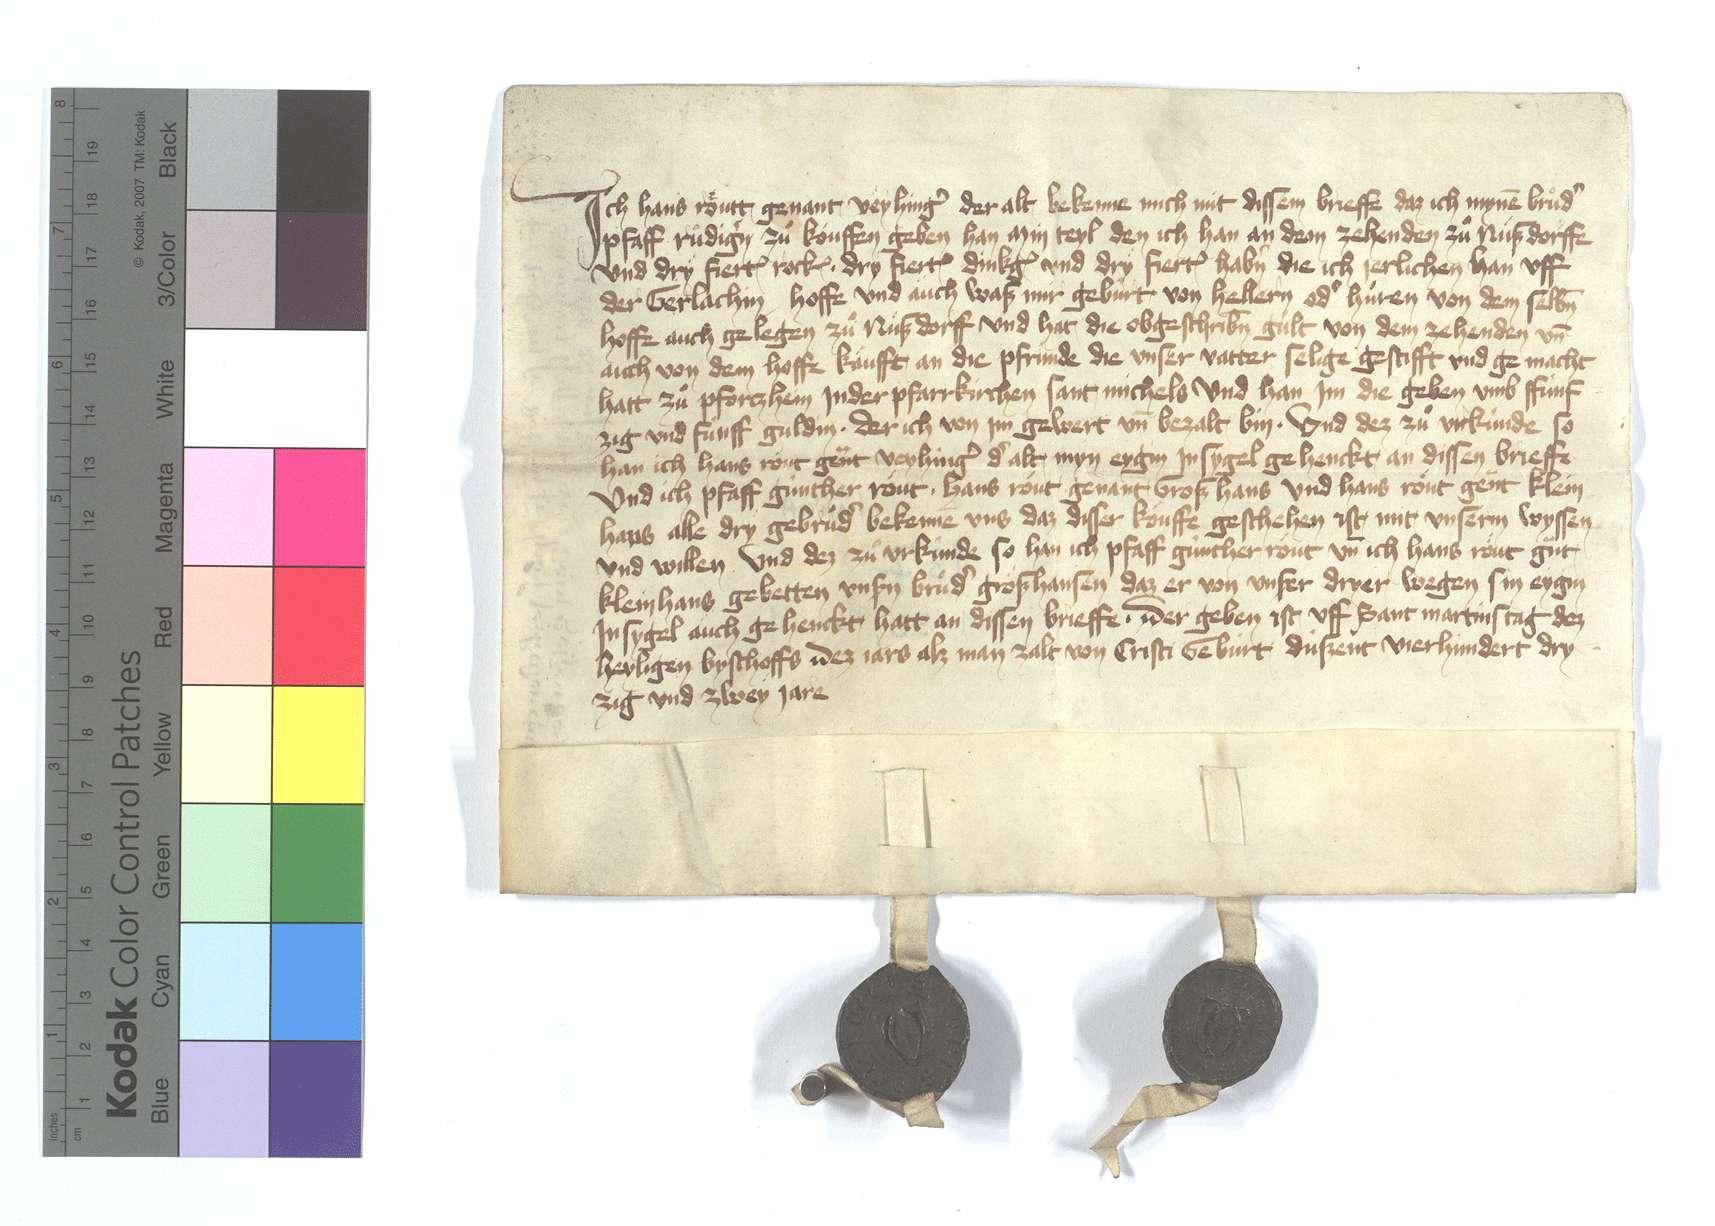 Hans Routts, genannt Vaihinger, Fertigung um seines Teils am Zehnten in Nußdorf und seine Heller- und Hühnergülten dort, die er seinem Bruder, Pfarrer Rüdiger, für 55 Gulden zu kaufen gegeben hat., Text